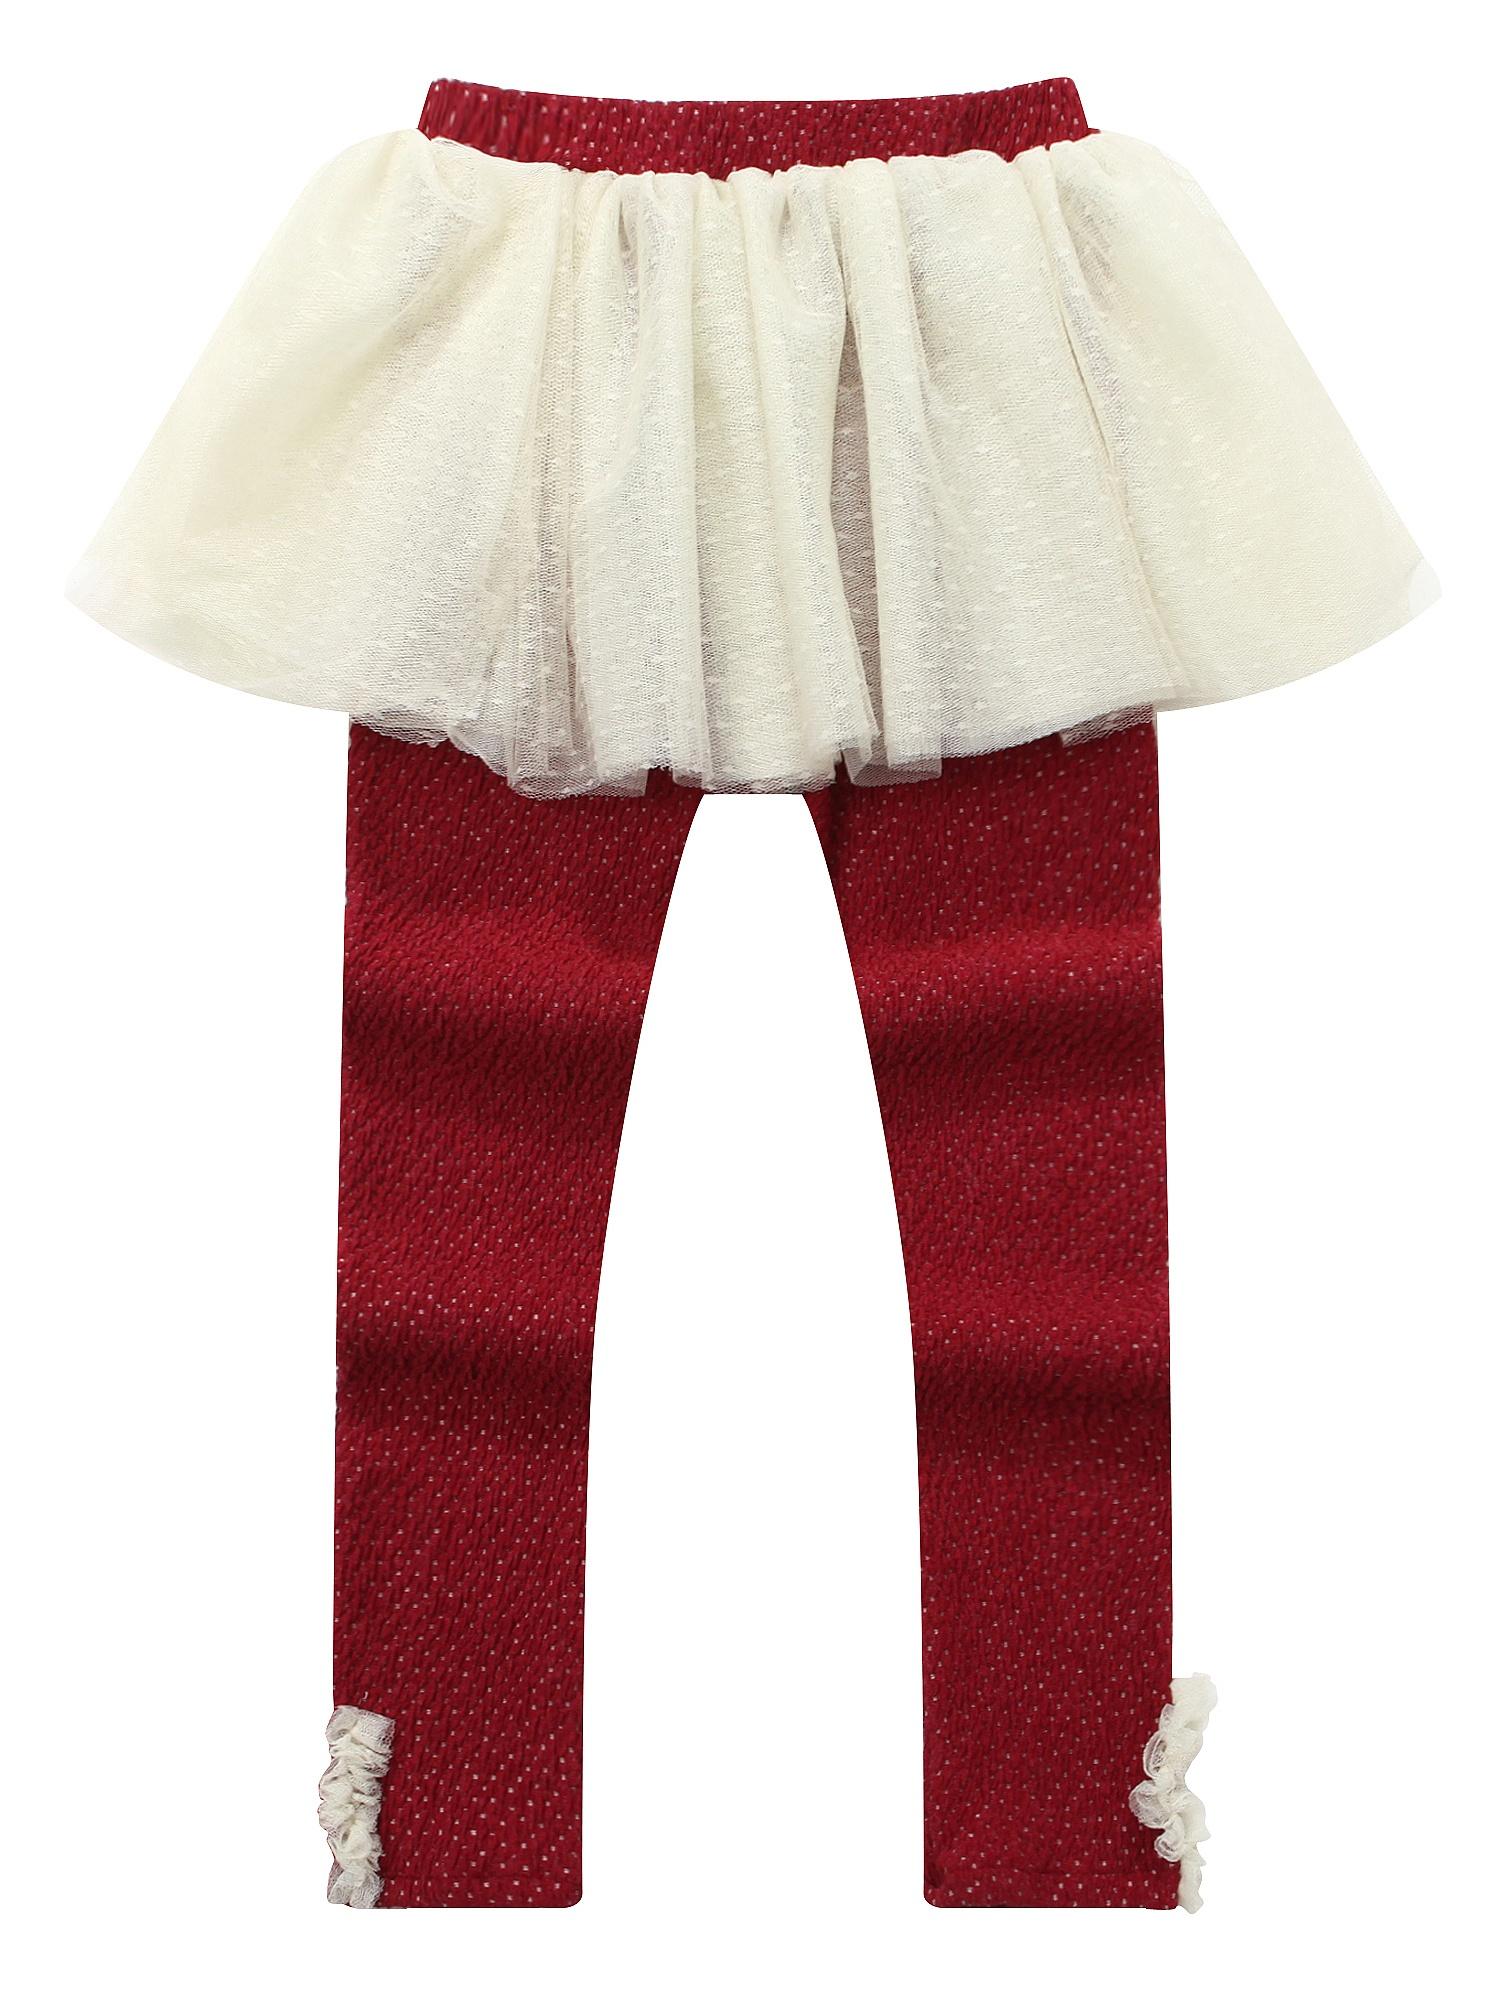 Richie House Girls' Jacquard woven charming skirt leggings RH0997